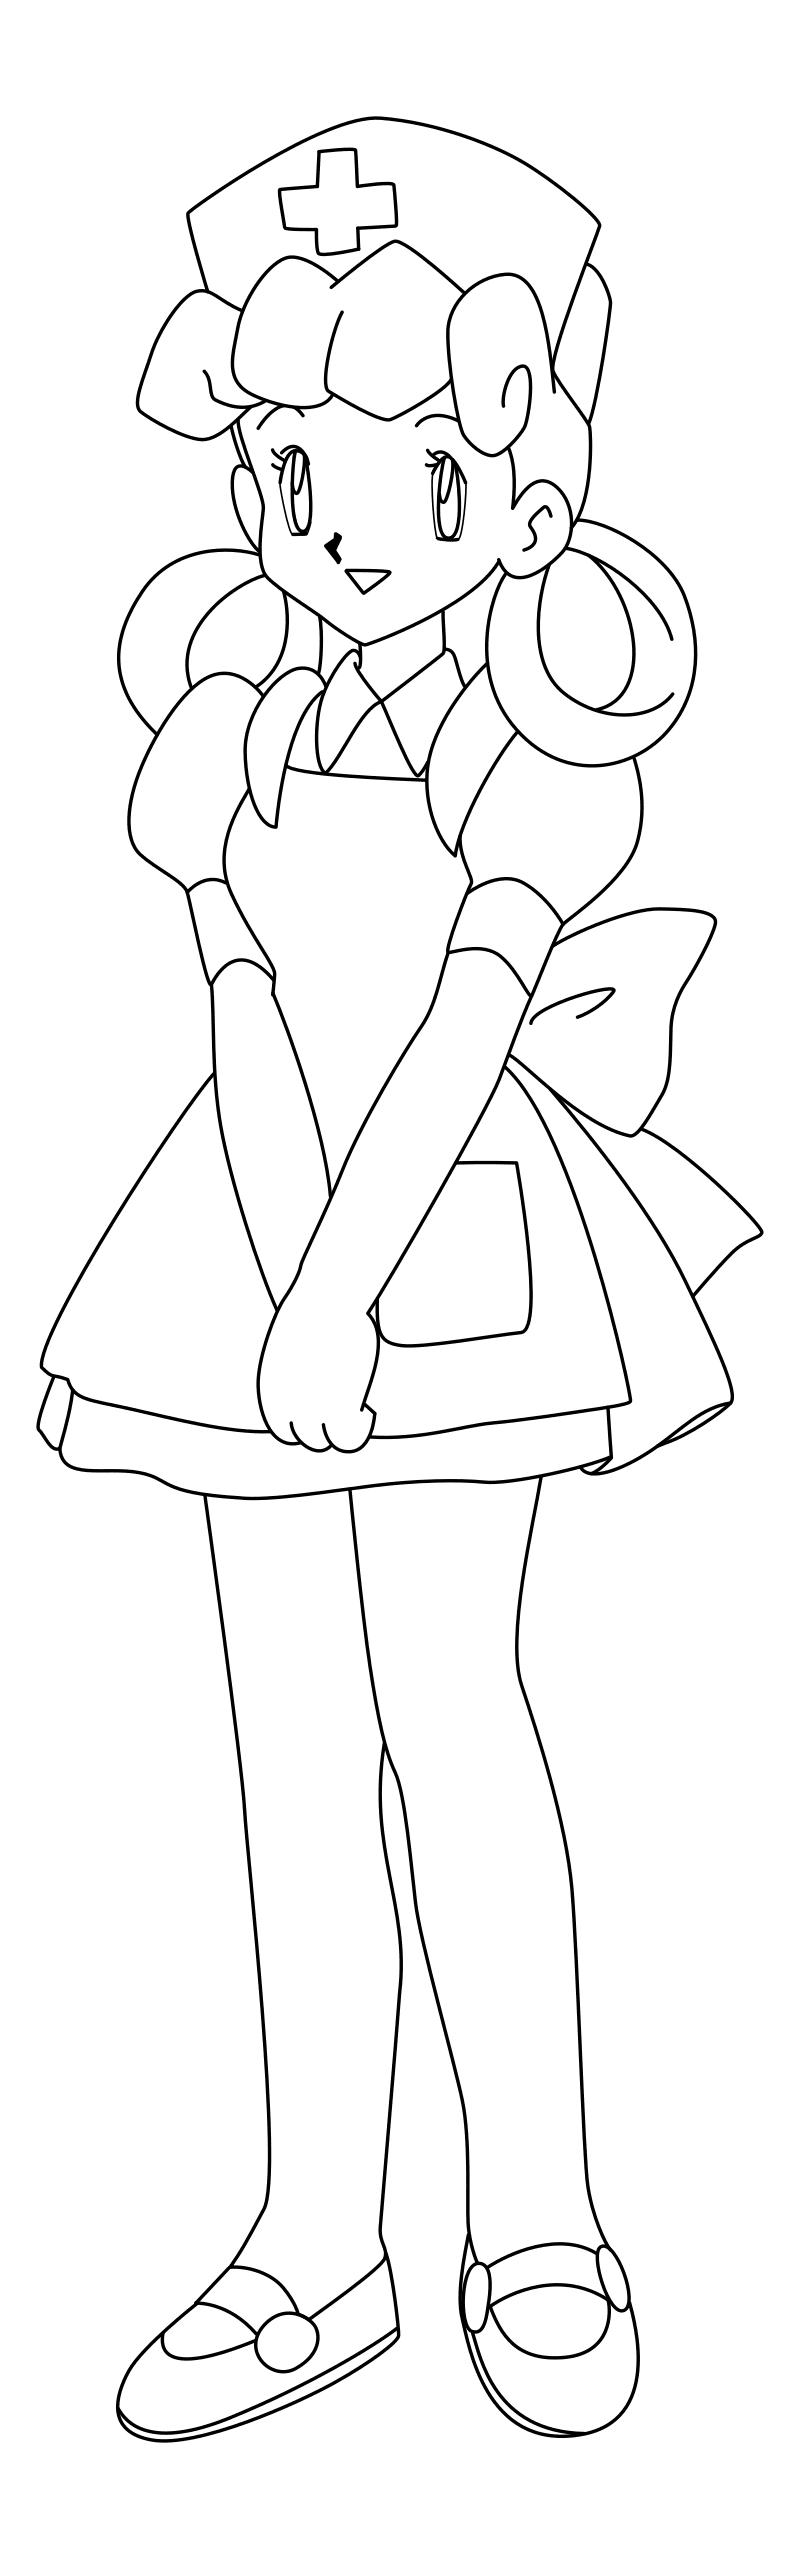 Раскраска - Покемон - Медсестра Джой | MirChild